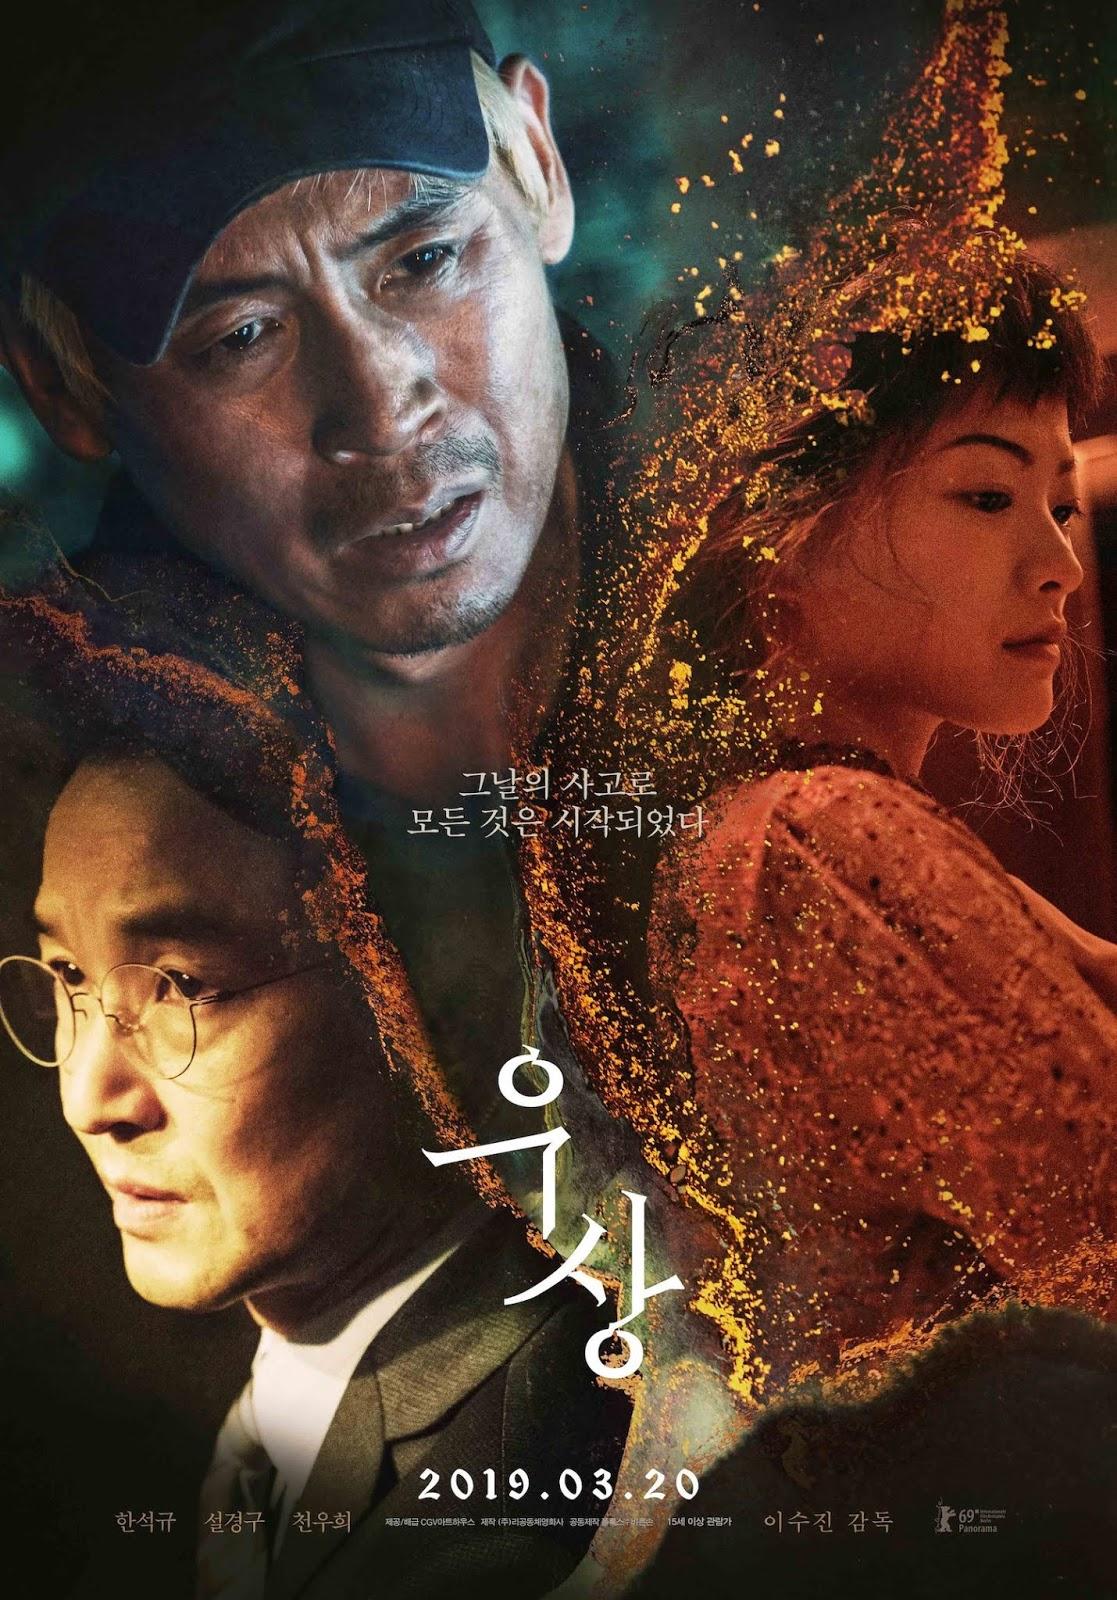 Sinopsis Idol / Woosang / 우상 (2019) - Film Korea